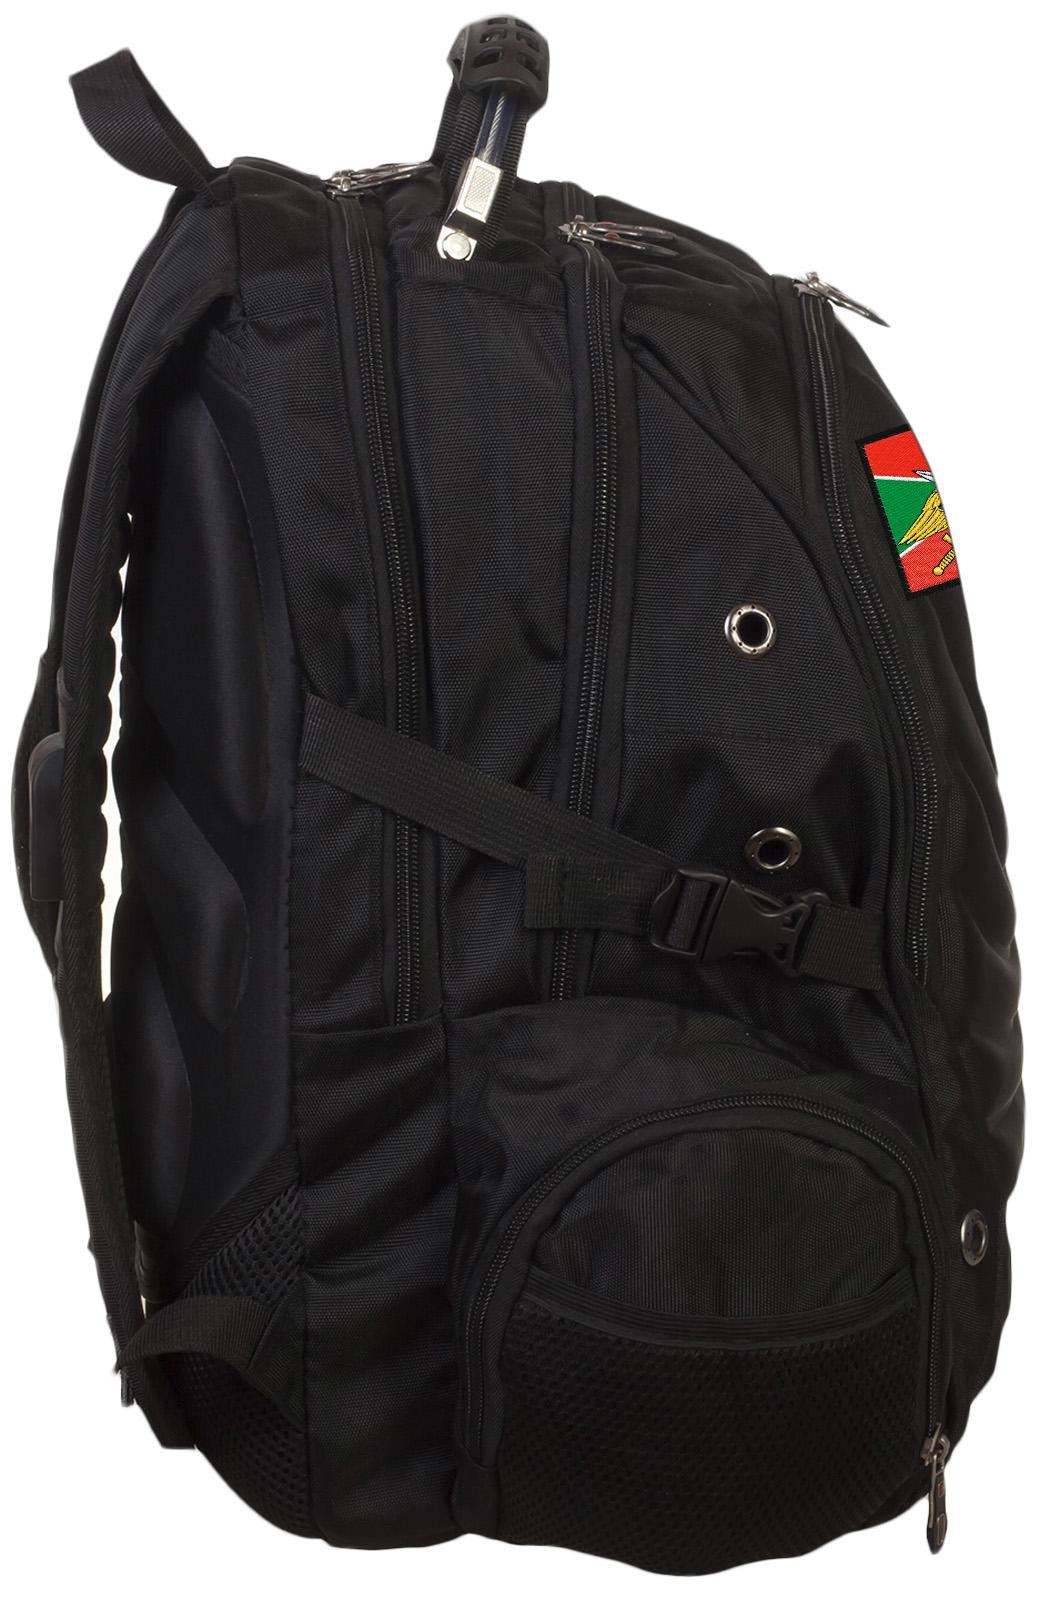 Купить практичный рюкзак с эмблемой Пограничных войск с доставкой